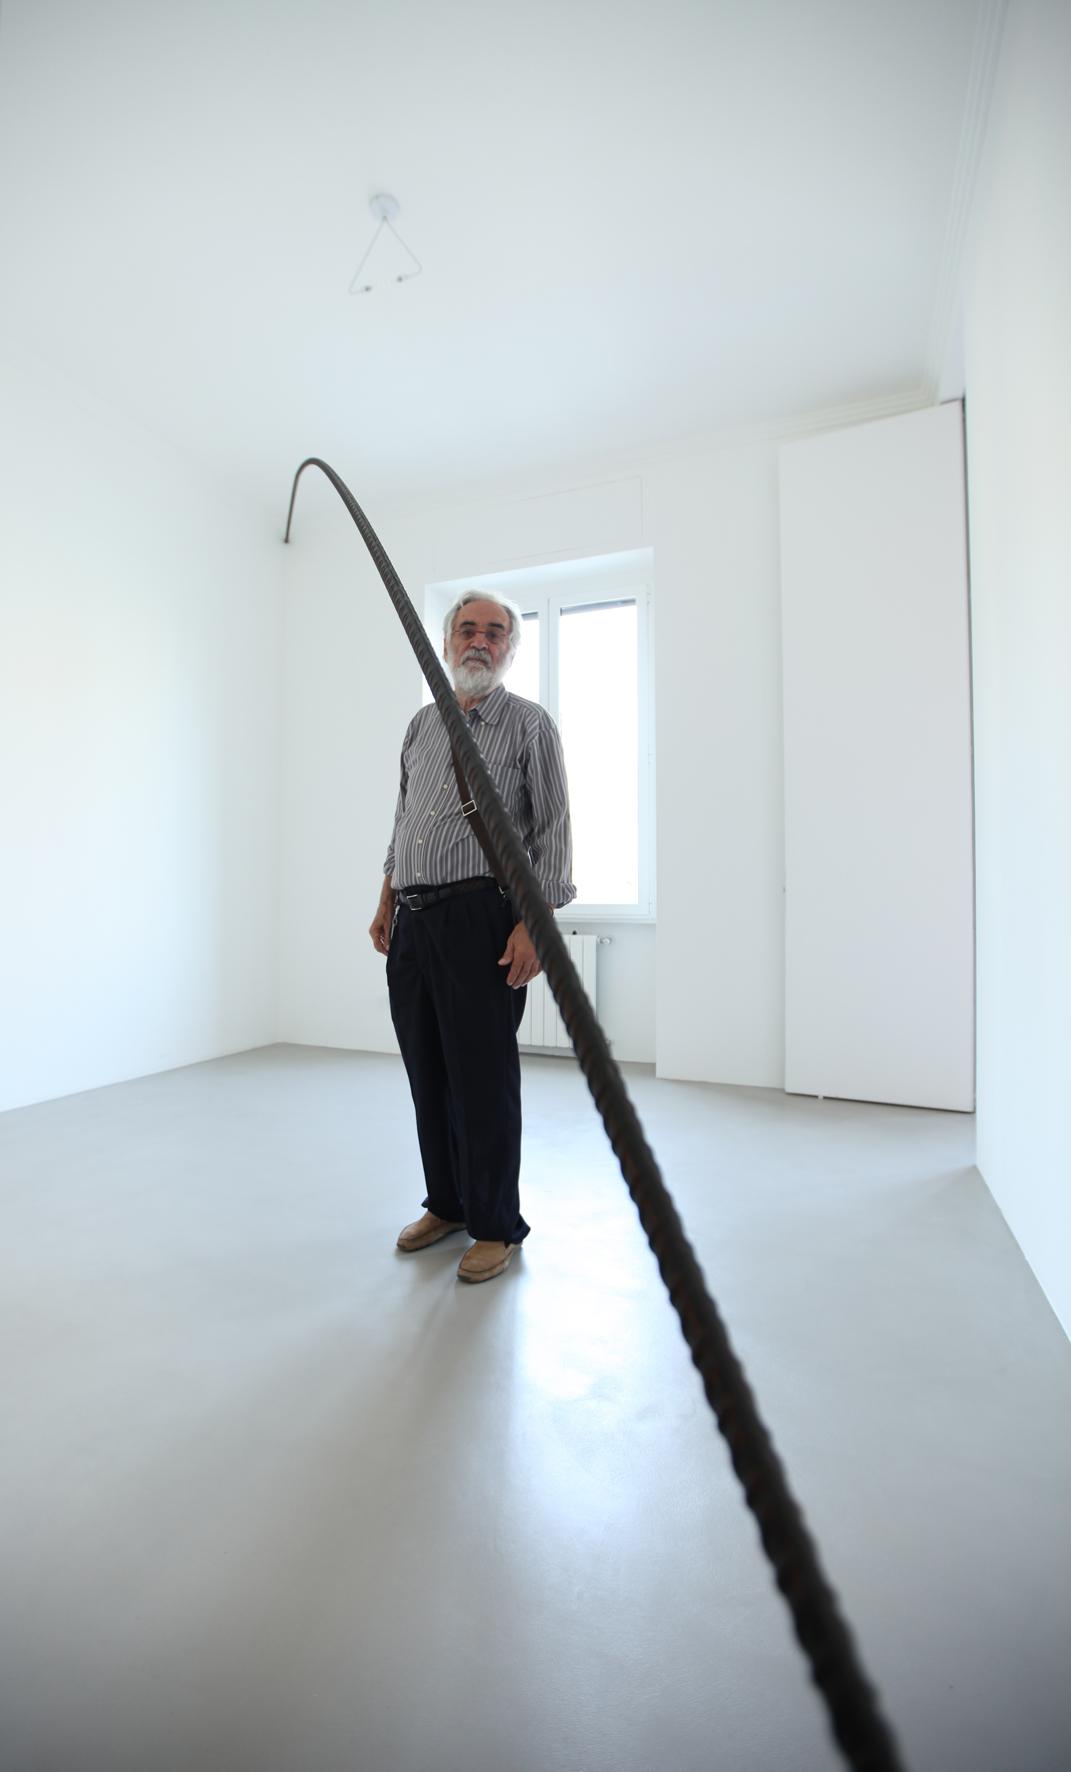 Mauro Staccioli - Forme Perdute - veduta della mostra presso A arte Studio Invernizzi, Milano 2012 - photo Bruno Bani, Milano